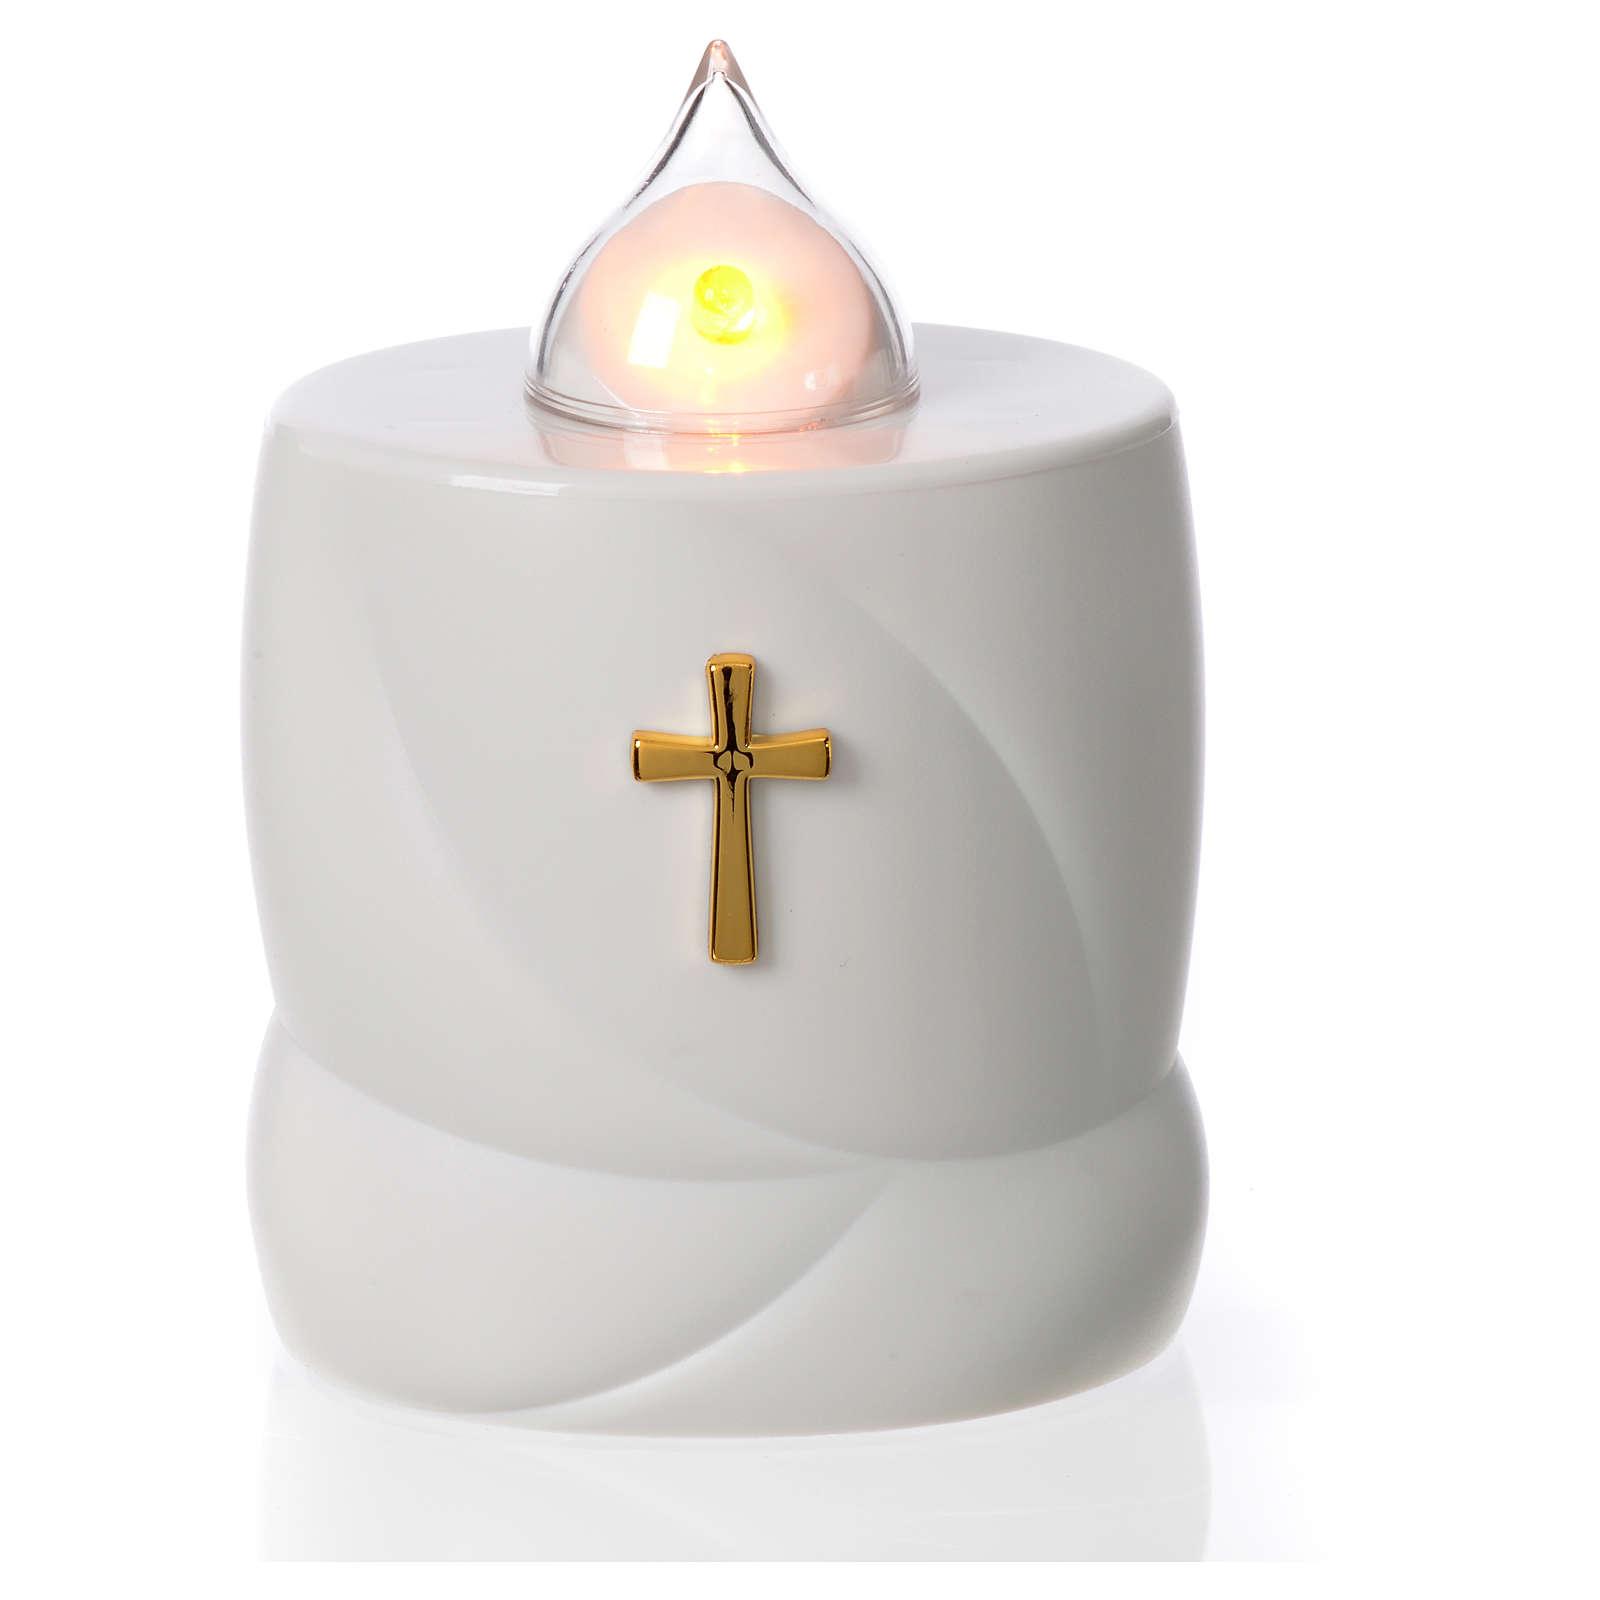 Lumino Lumada bianco croce fiamma gialla reale 3